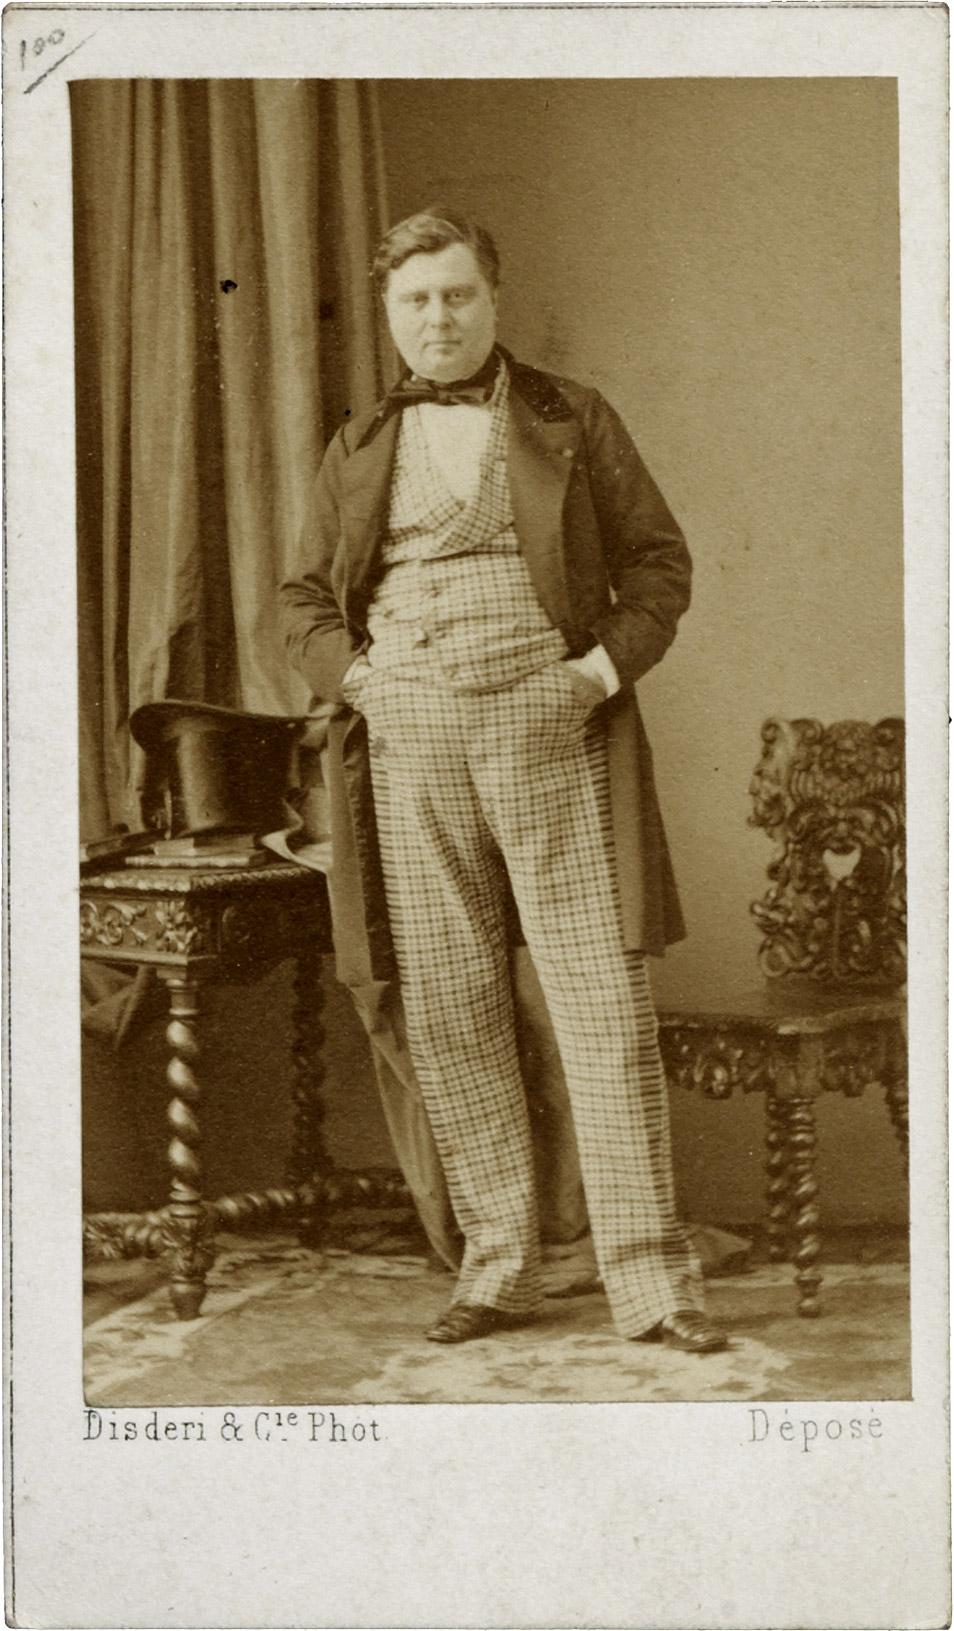 Photographie d'Alexandre I Colonna Walewski - Patrimoine Charles-André COLONNA WALEWSKI, en ligne directe de Napoléon